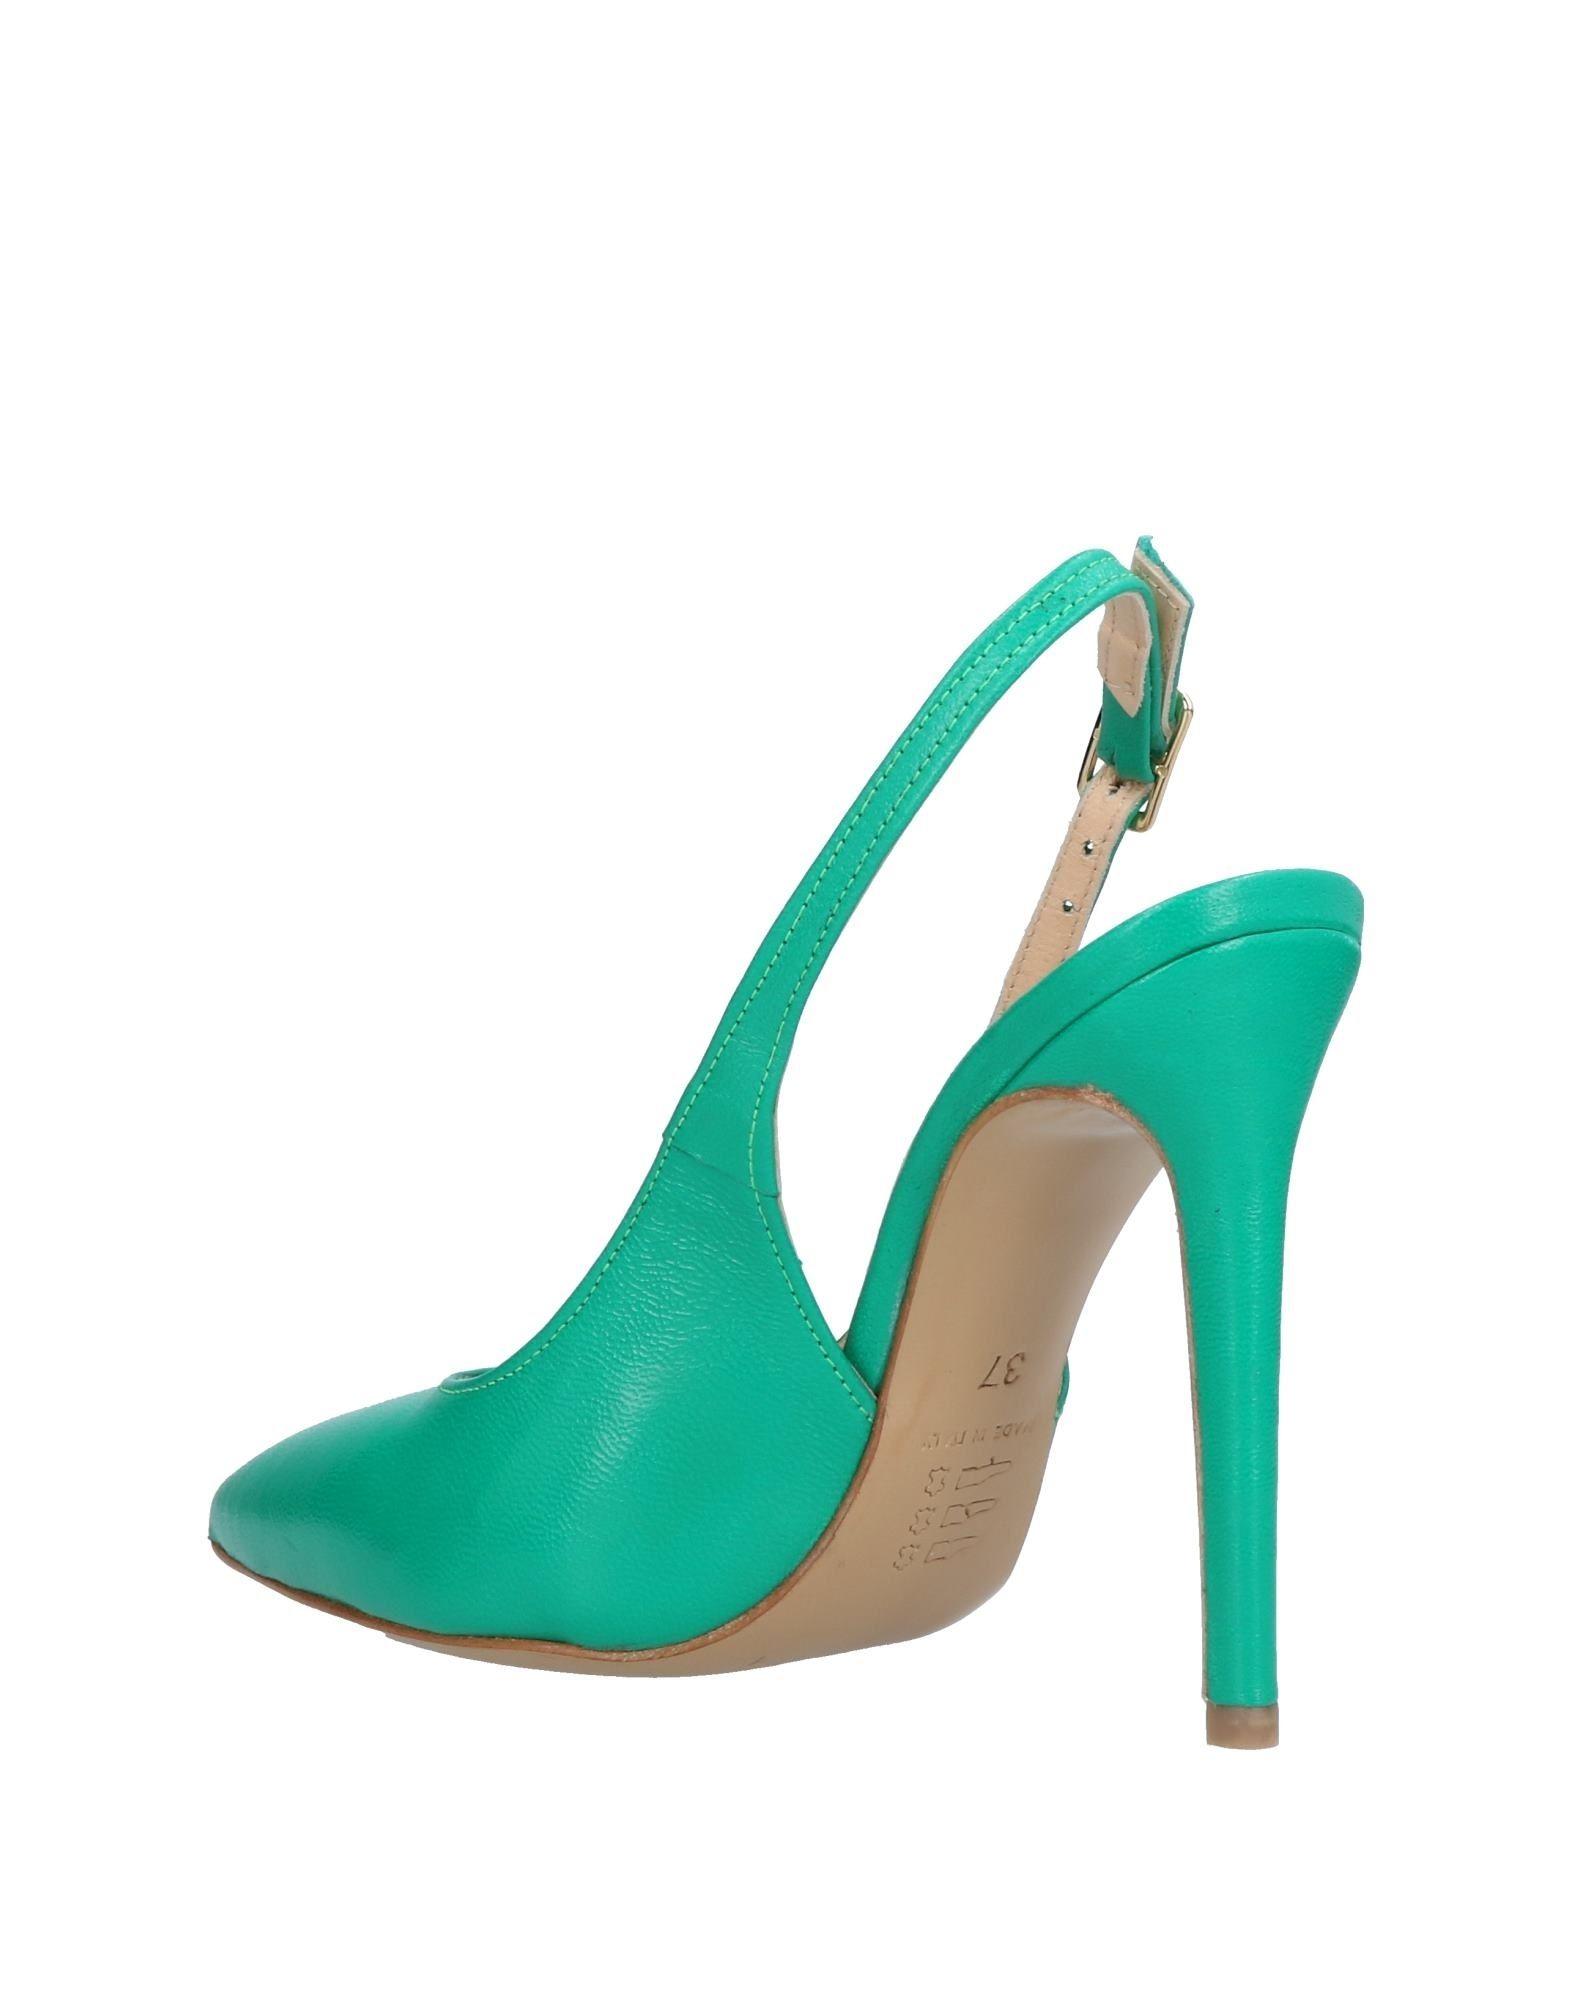 Islo Isabella Lorusso Pumps Qualität Damen  11471732KQ Gute Qualität Pumps beliebte Schuhe 470c89